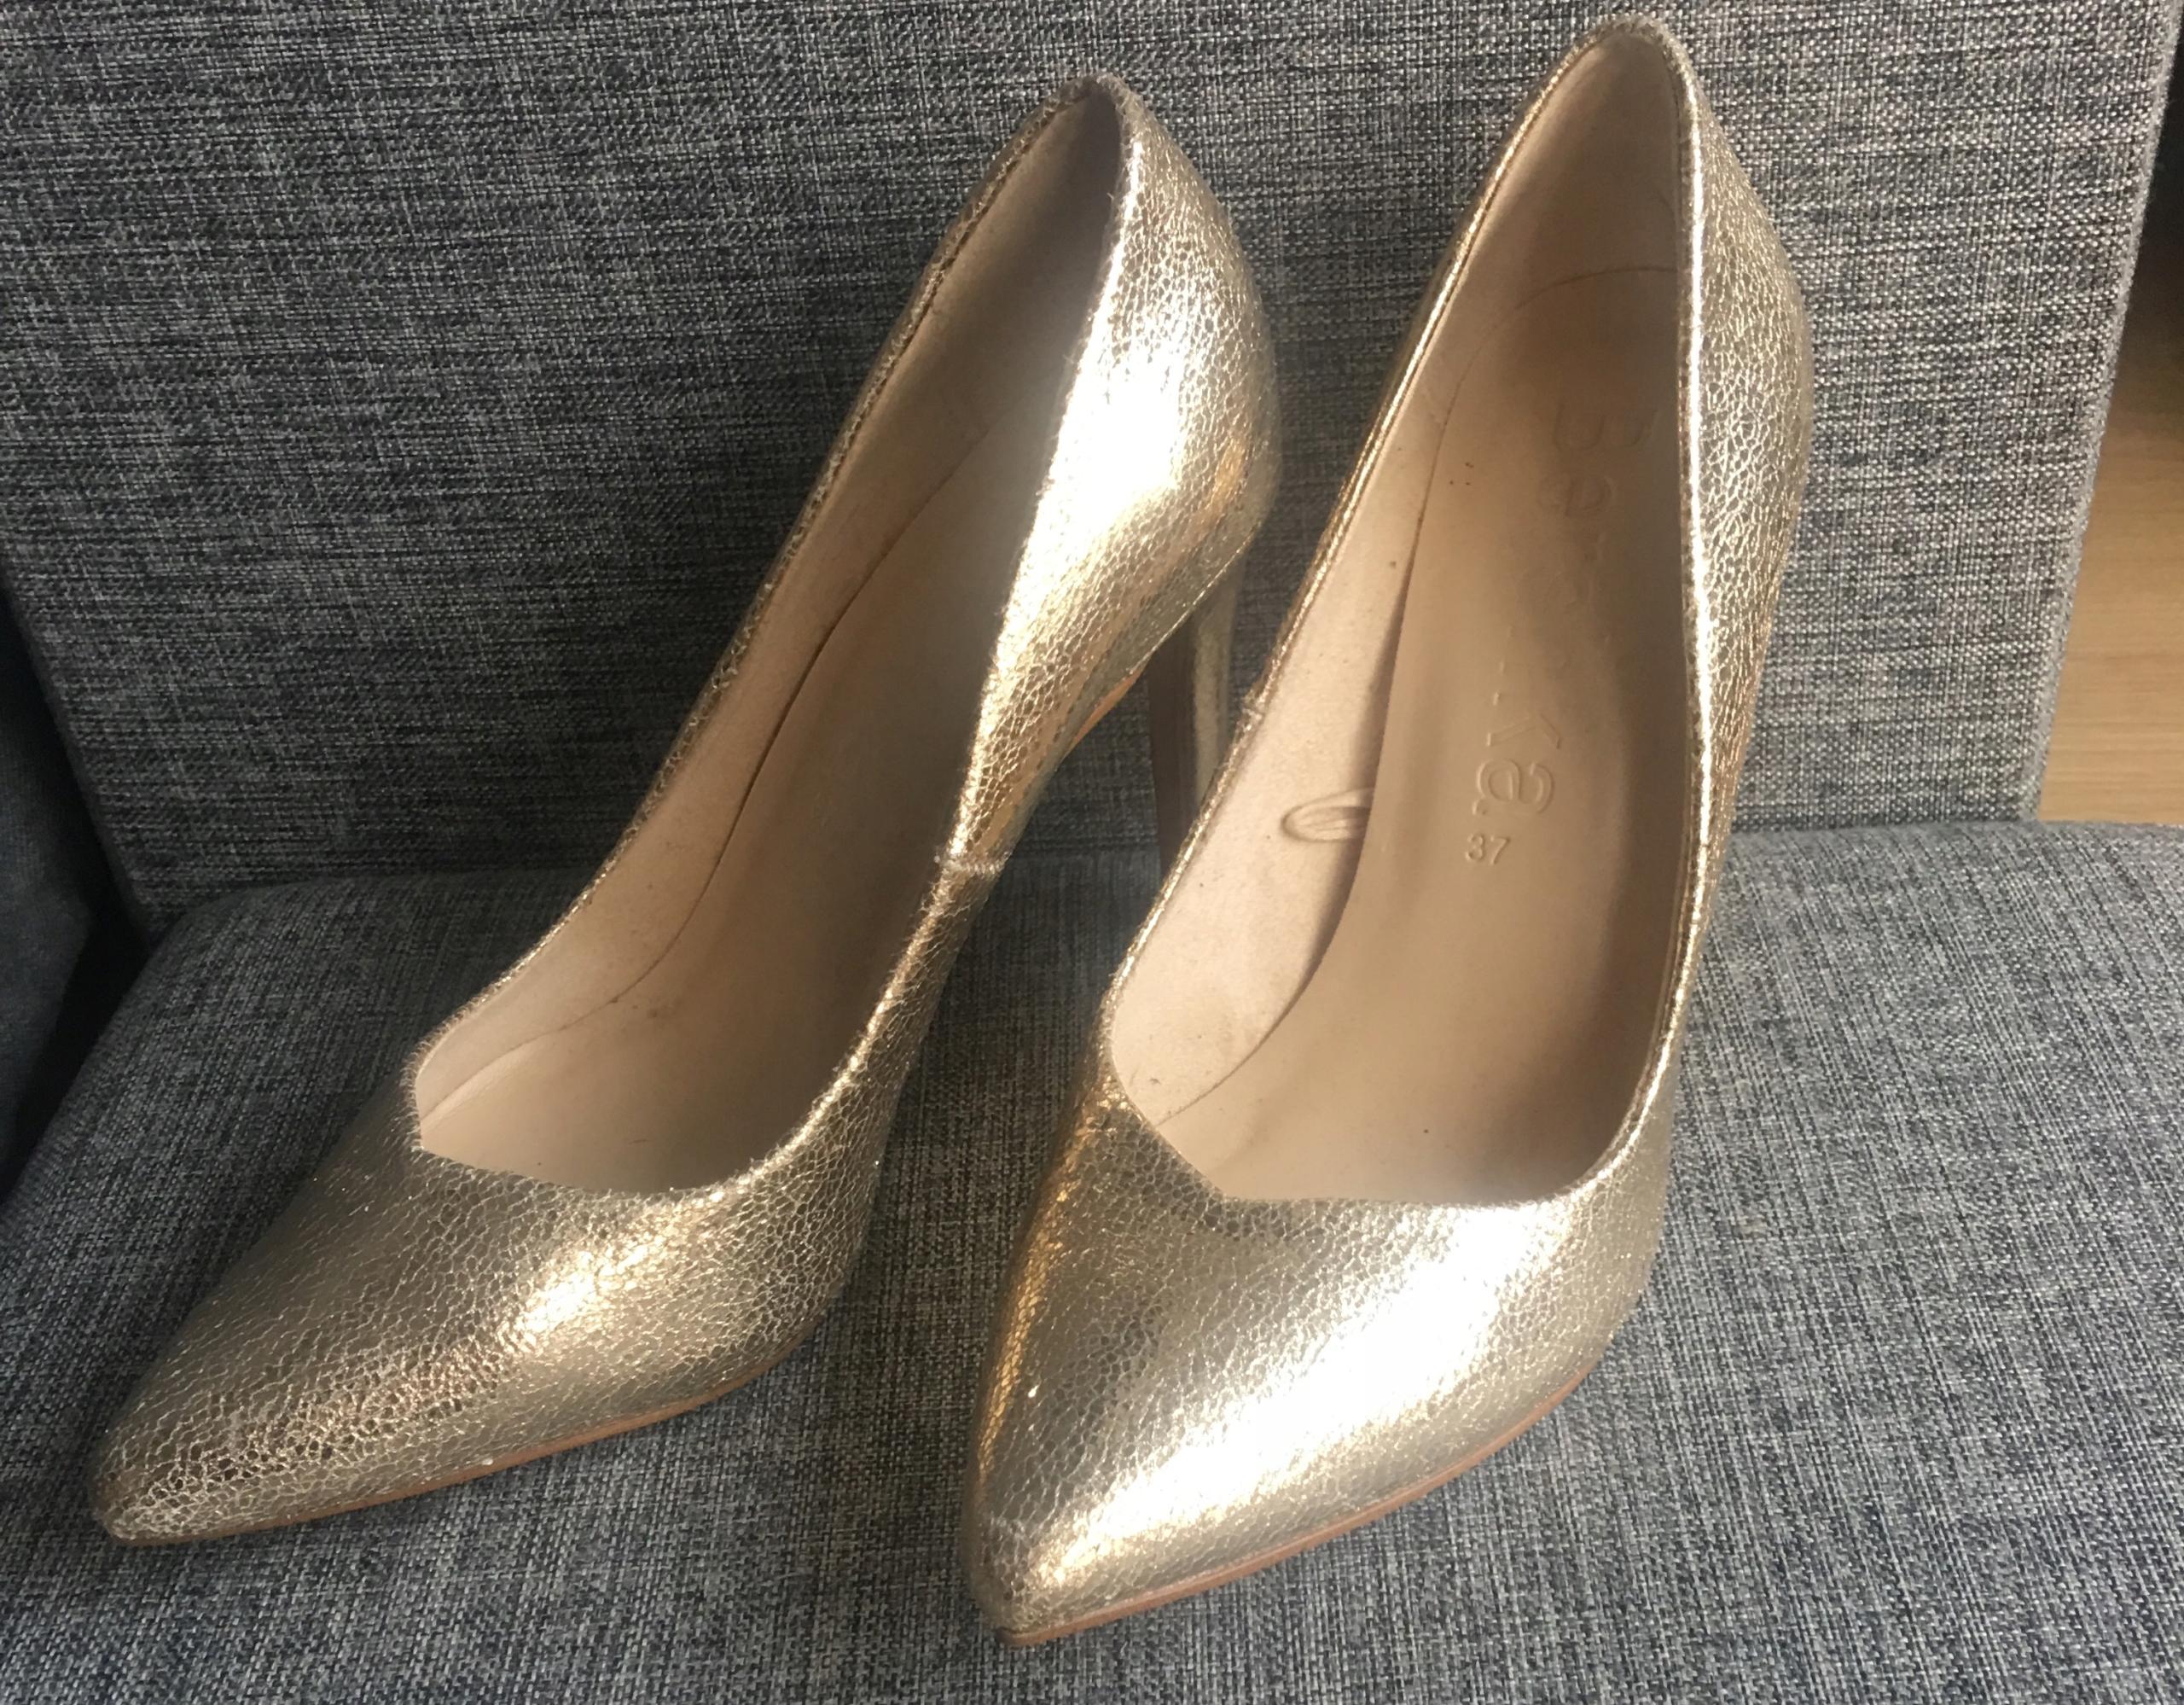 24bc84154351d Złote szpilki Bershka * buty czółenka * 37 - 7796200678 - oficjalne ...